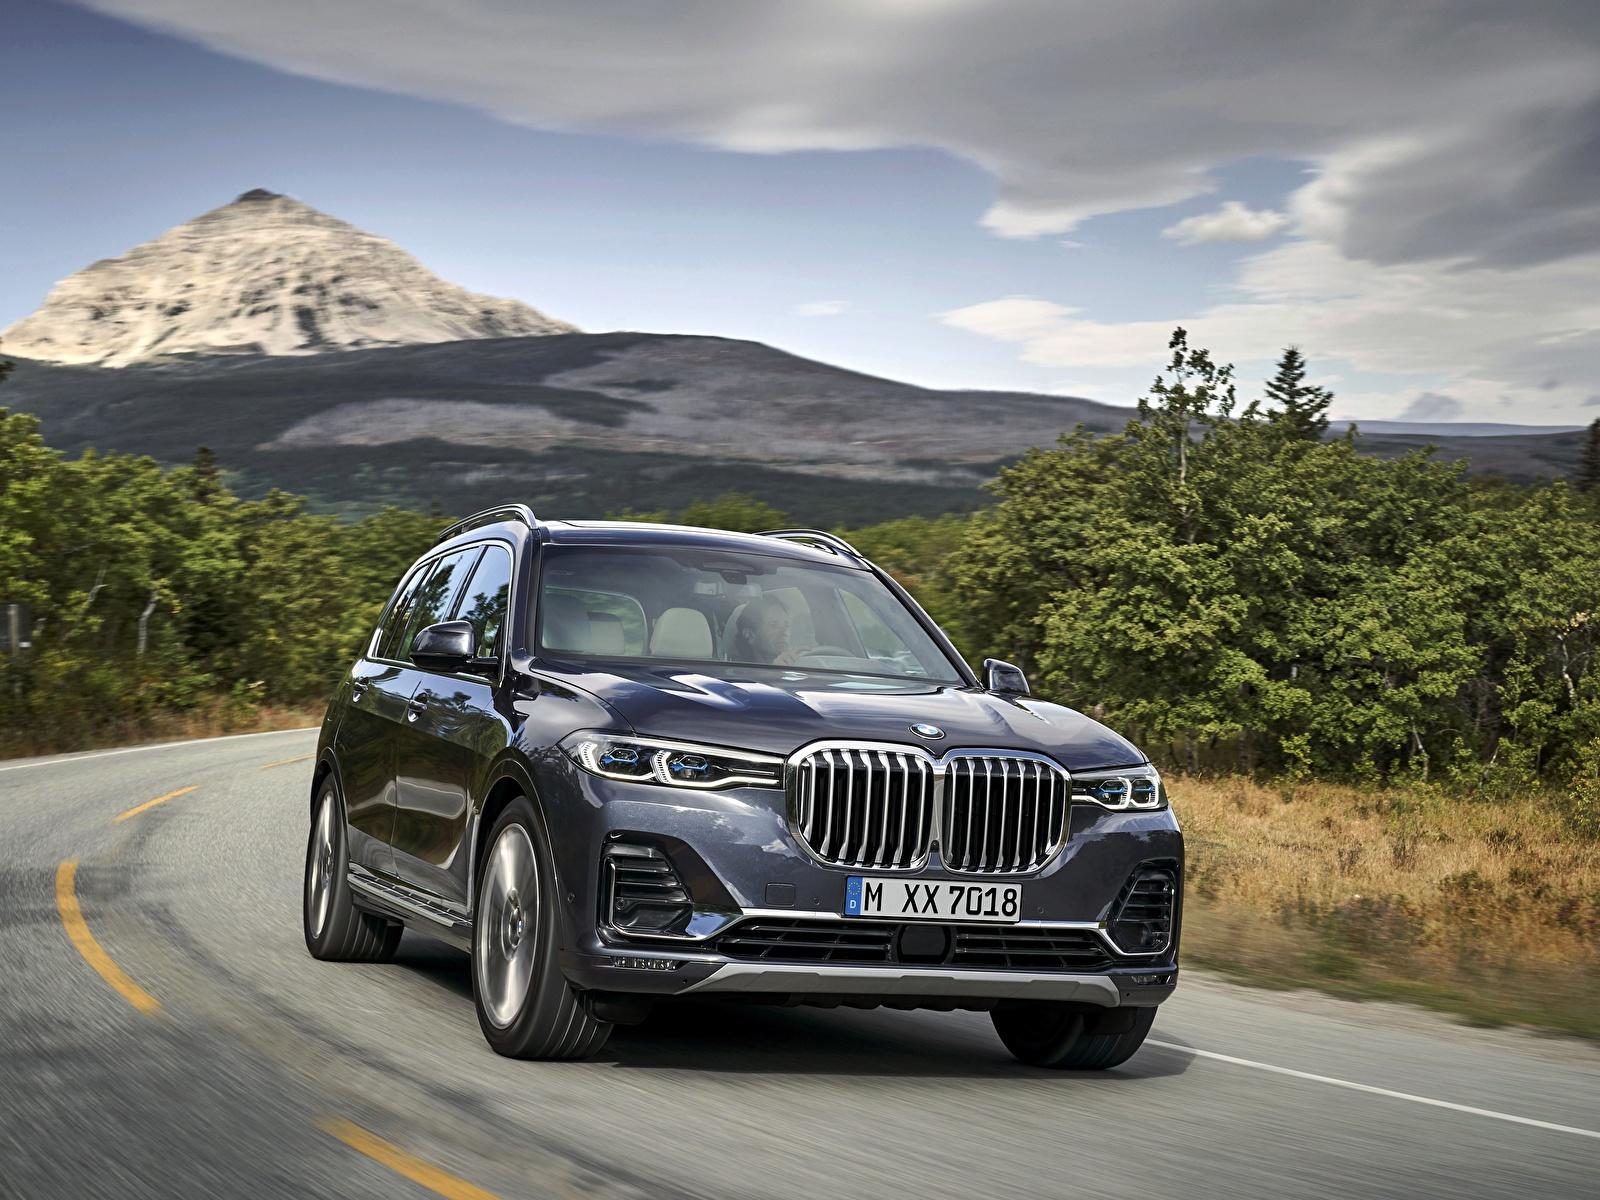 Картинки БМВ CUV 2019 X7 G07 Автомобили 1600x1200 BMW Кроссовер авто машины машина автомобиль